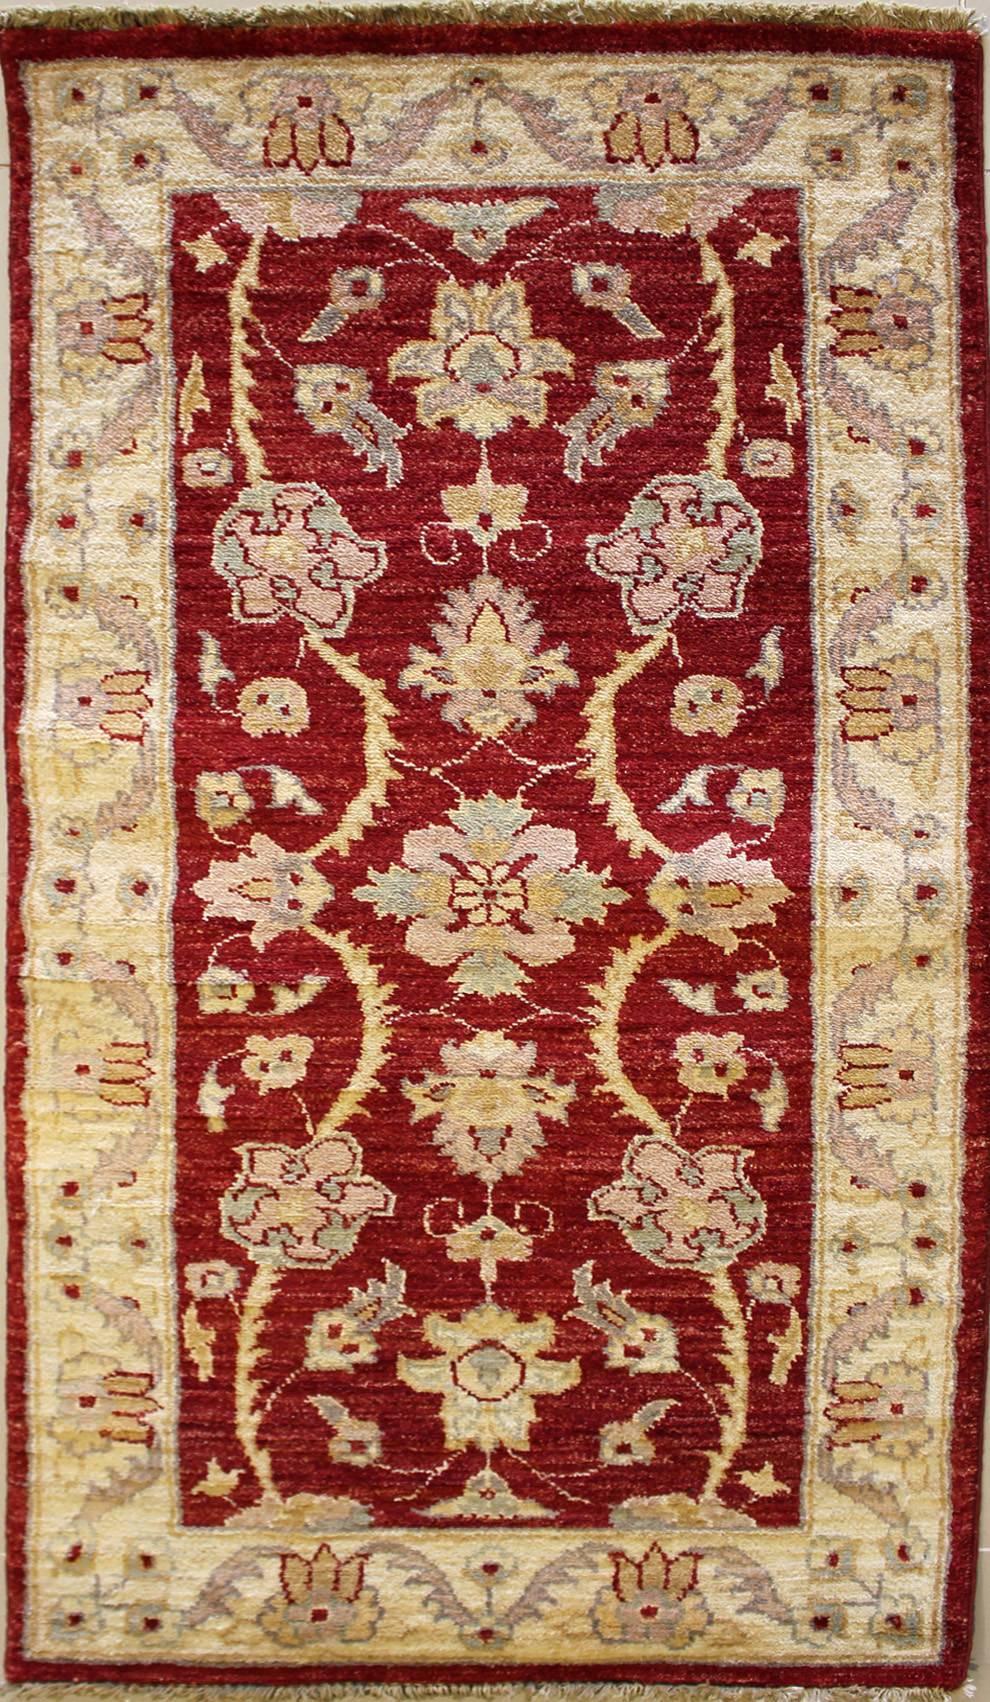 3x4'8 rug - ziegler chobi - handwoven chobi ziegler rugs made with